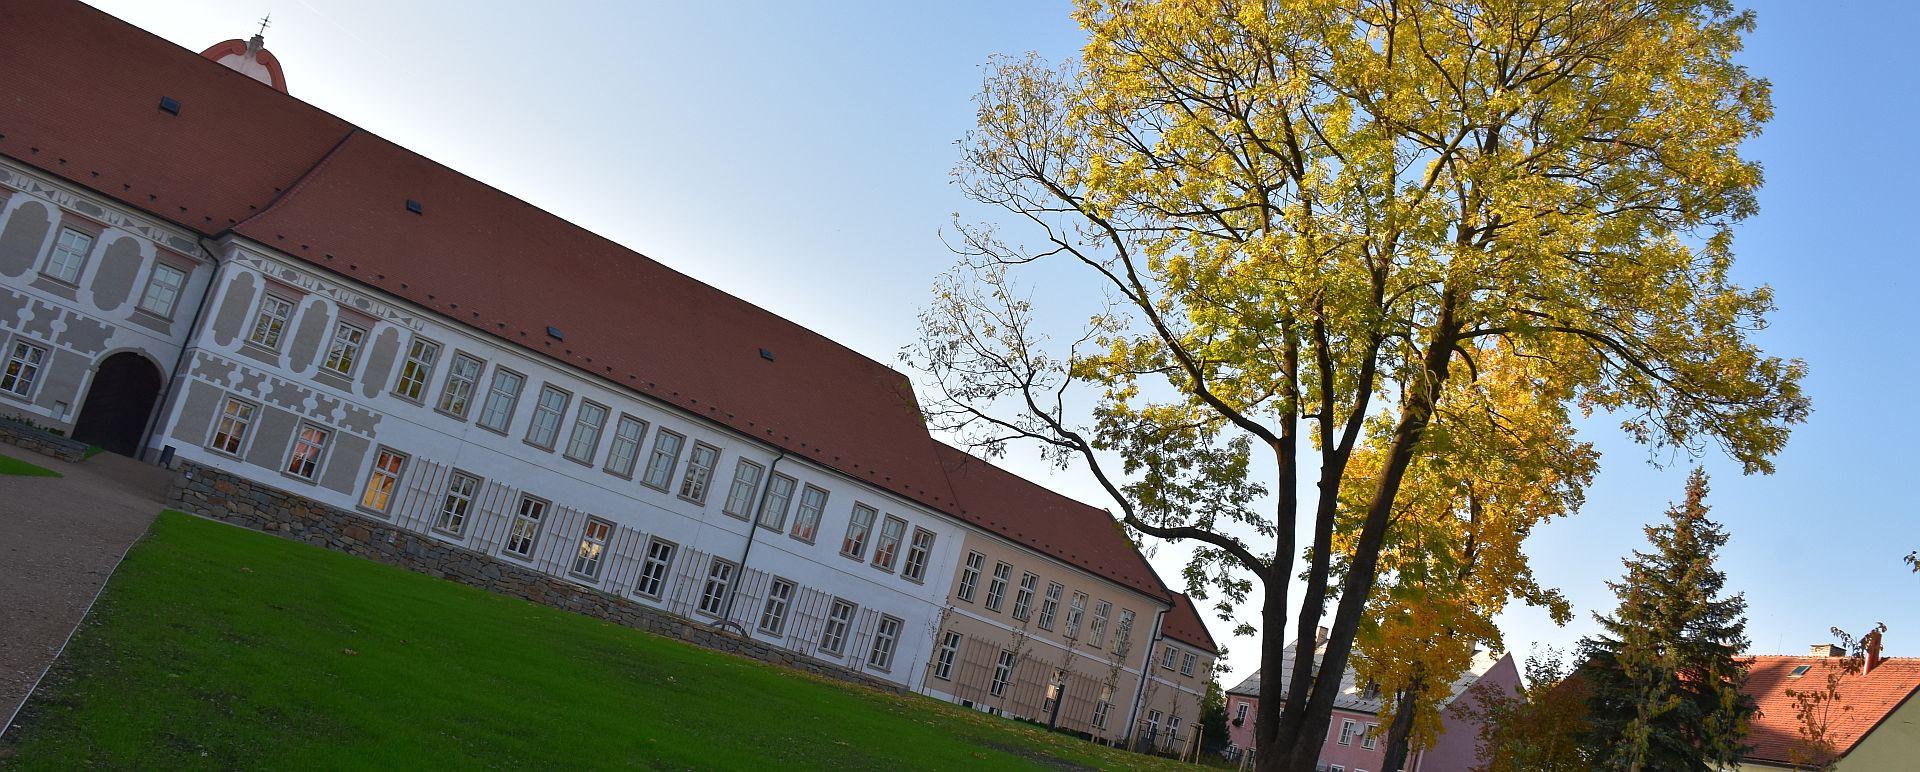 Piaristické zahrady a klášter